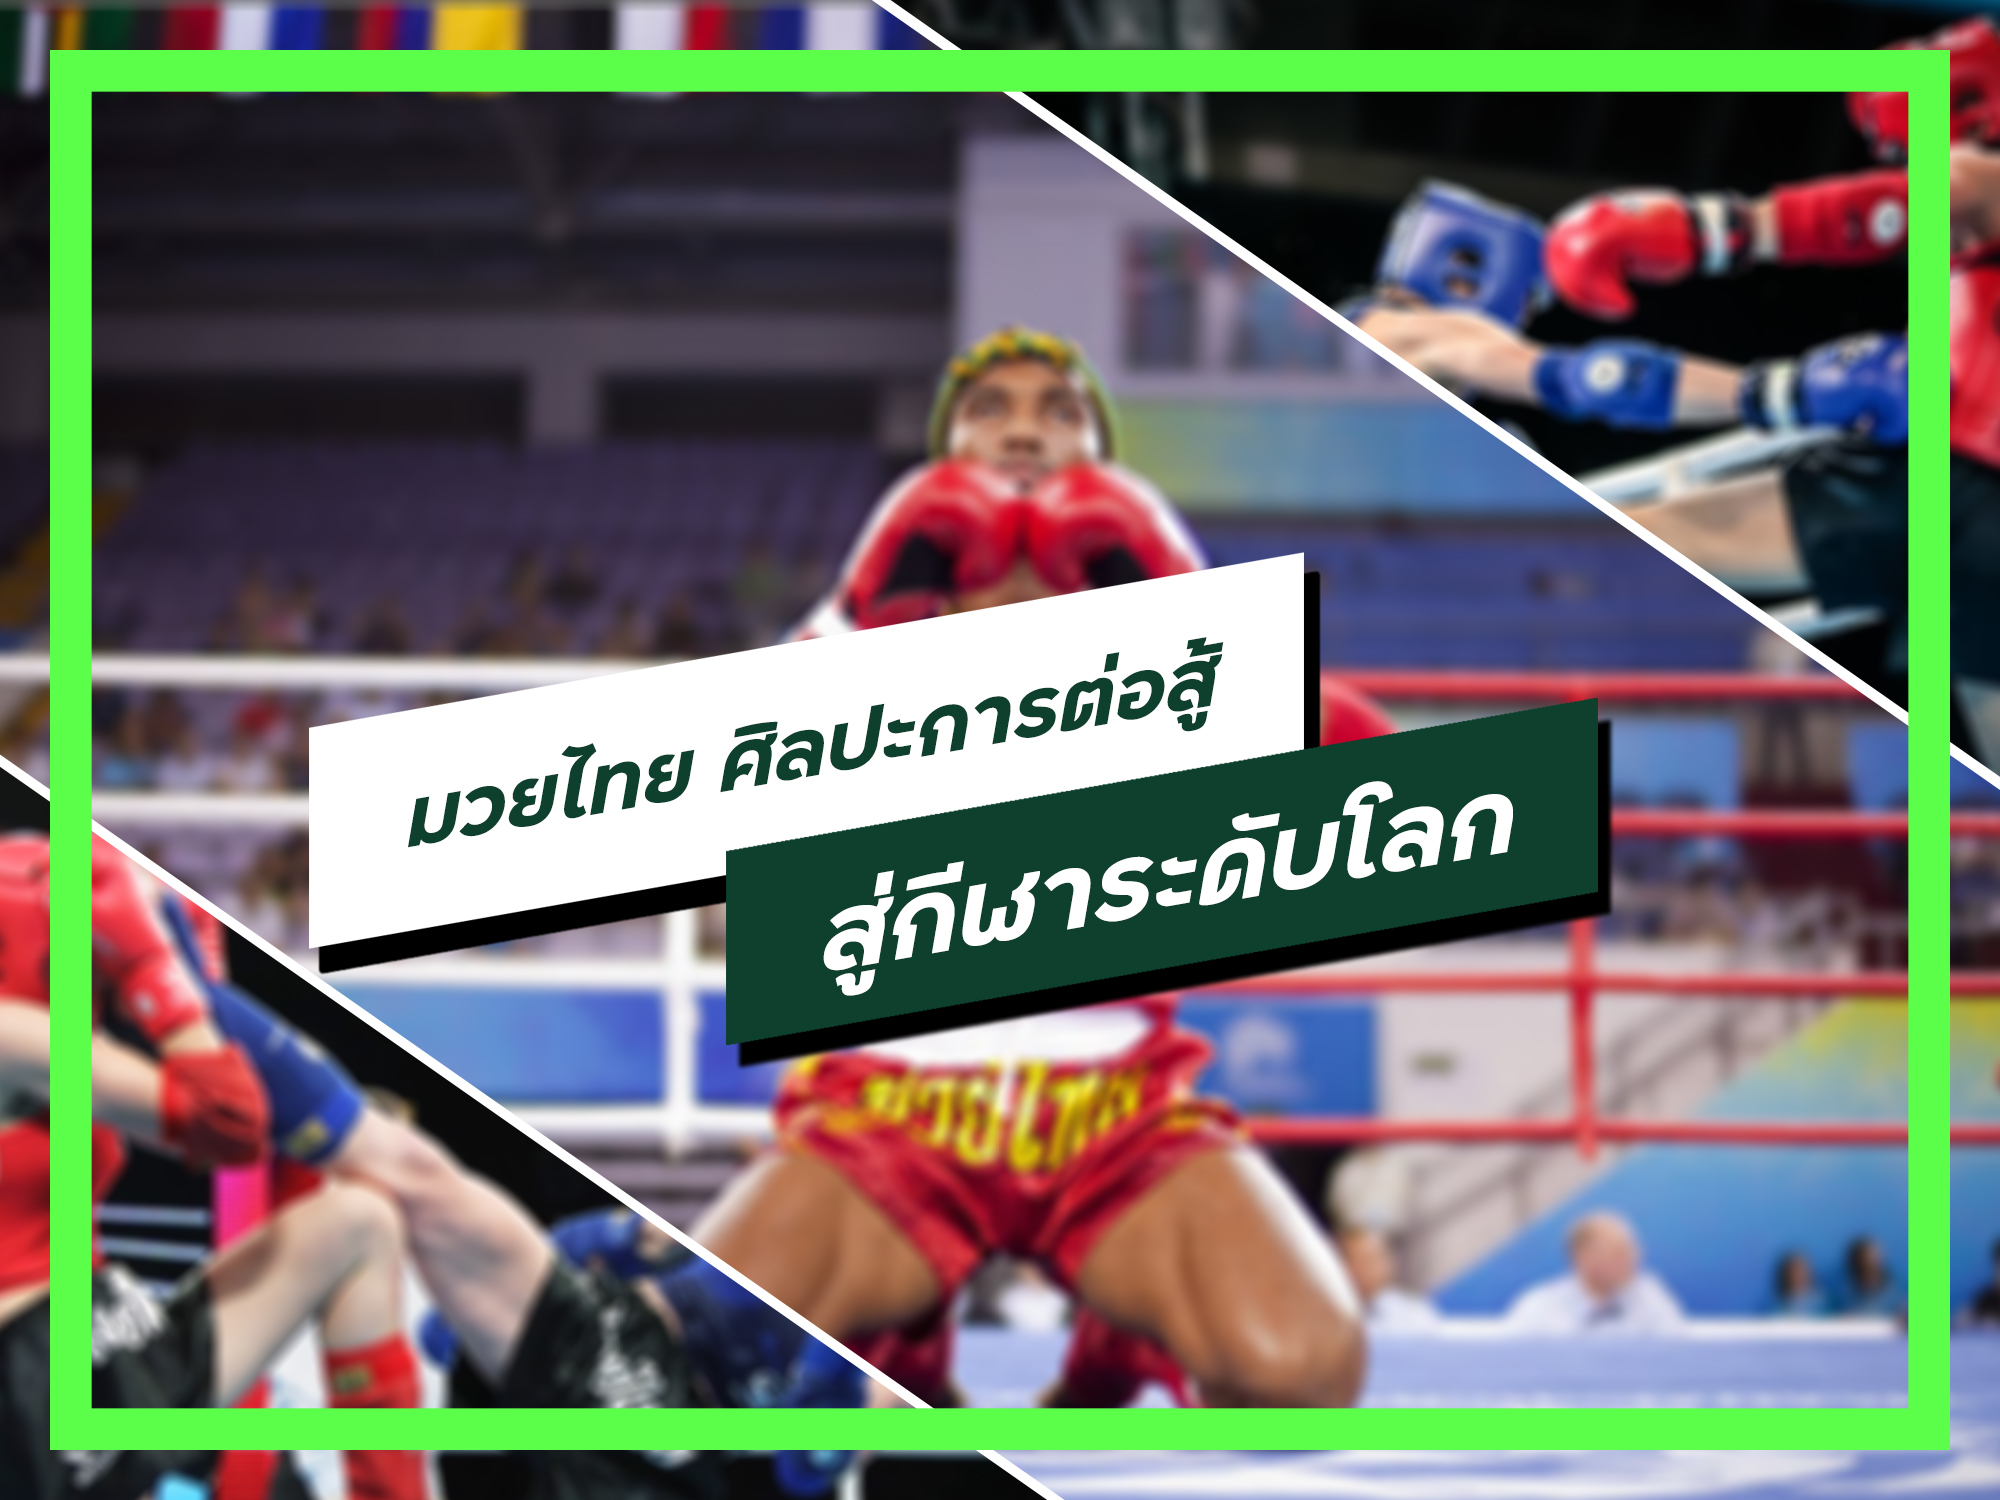 มวยไทย ศิลปะการต่อสู้ สู่กีฬาระดับโลก